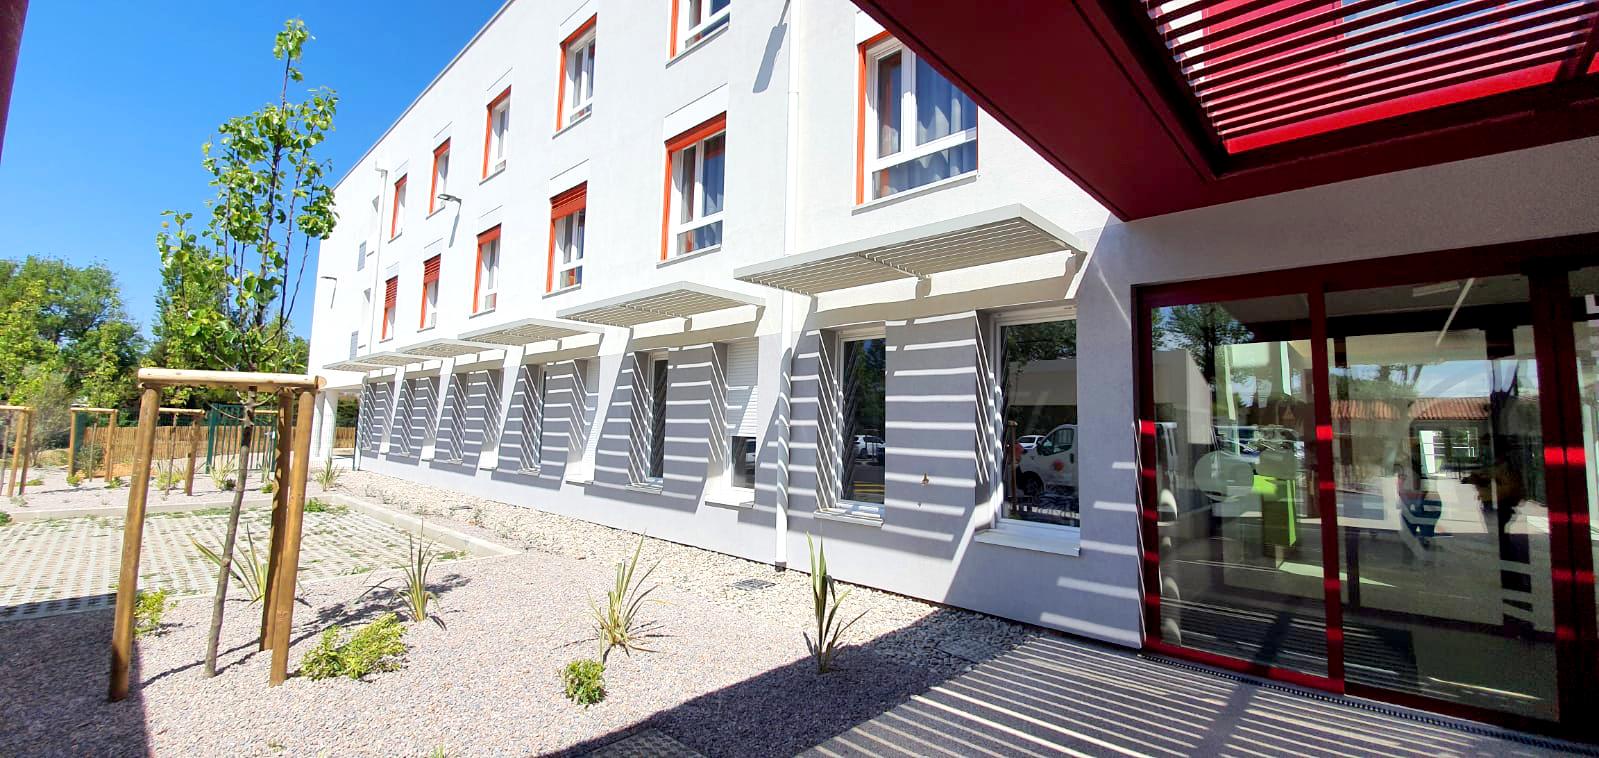 Recrutement: Directeur d'établissement F/H chez GROUPE ACPPA à Perpignan